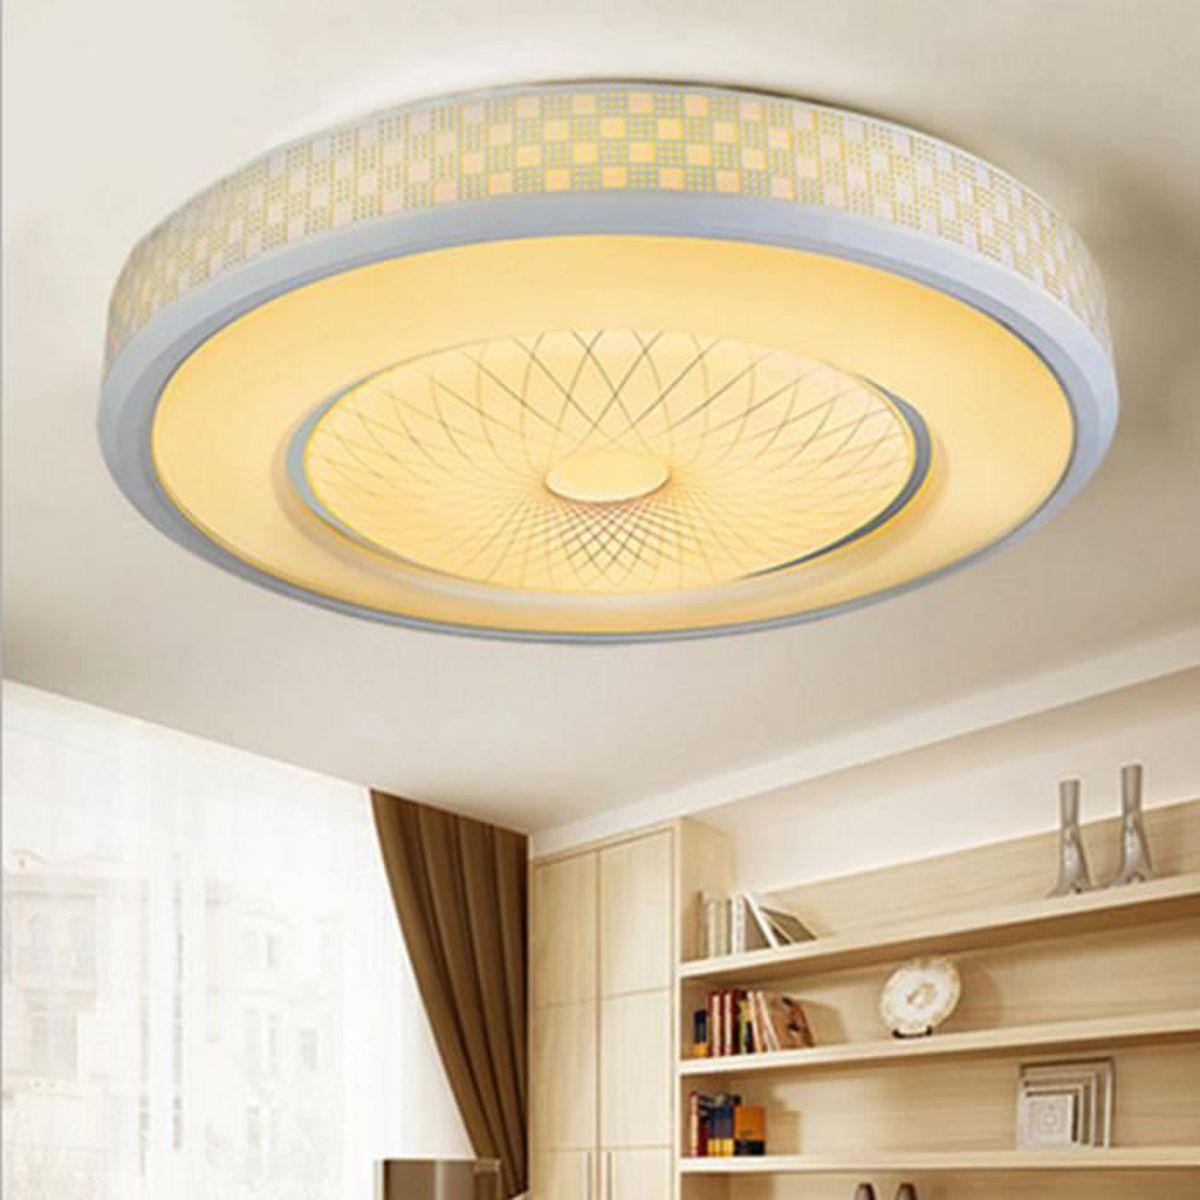 Jago Plafonnier Lampe de Plafond Lustre Moderne A+ /à E en Fil M/étallique Lumi/ère /Éclairage Luminaire G9 28 W Salon Cuisine Couloir Chambre